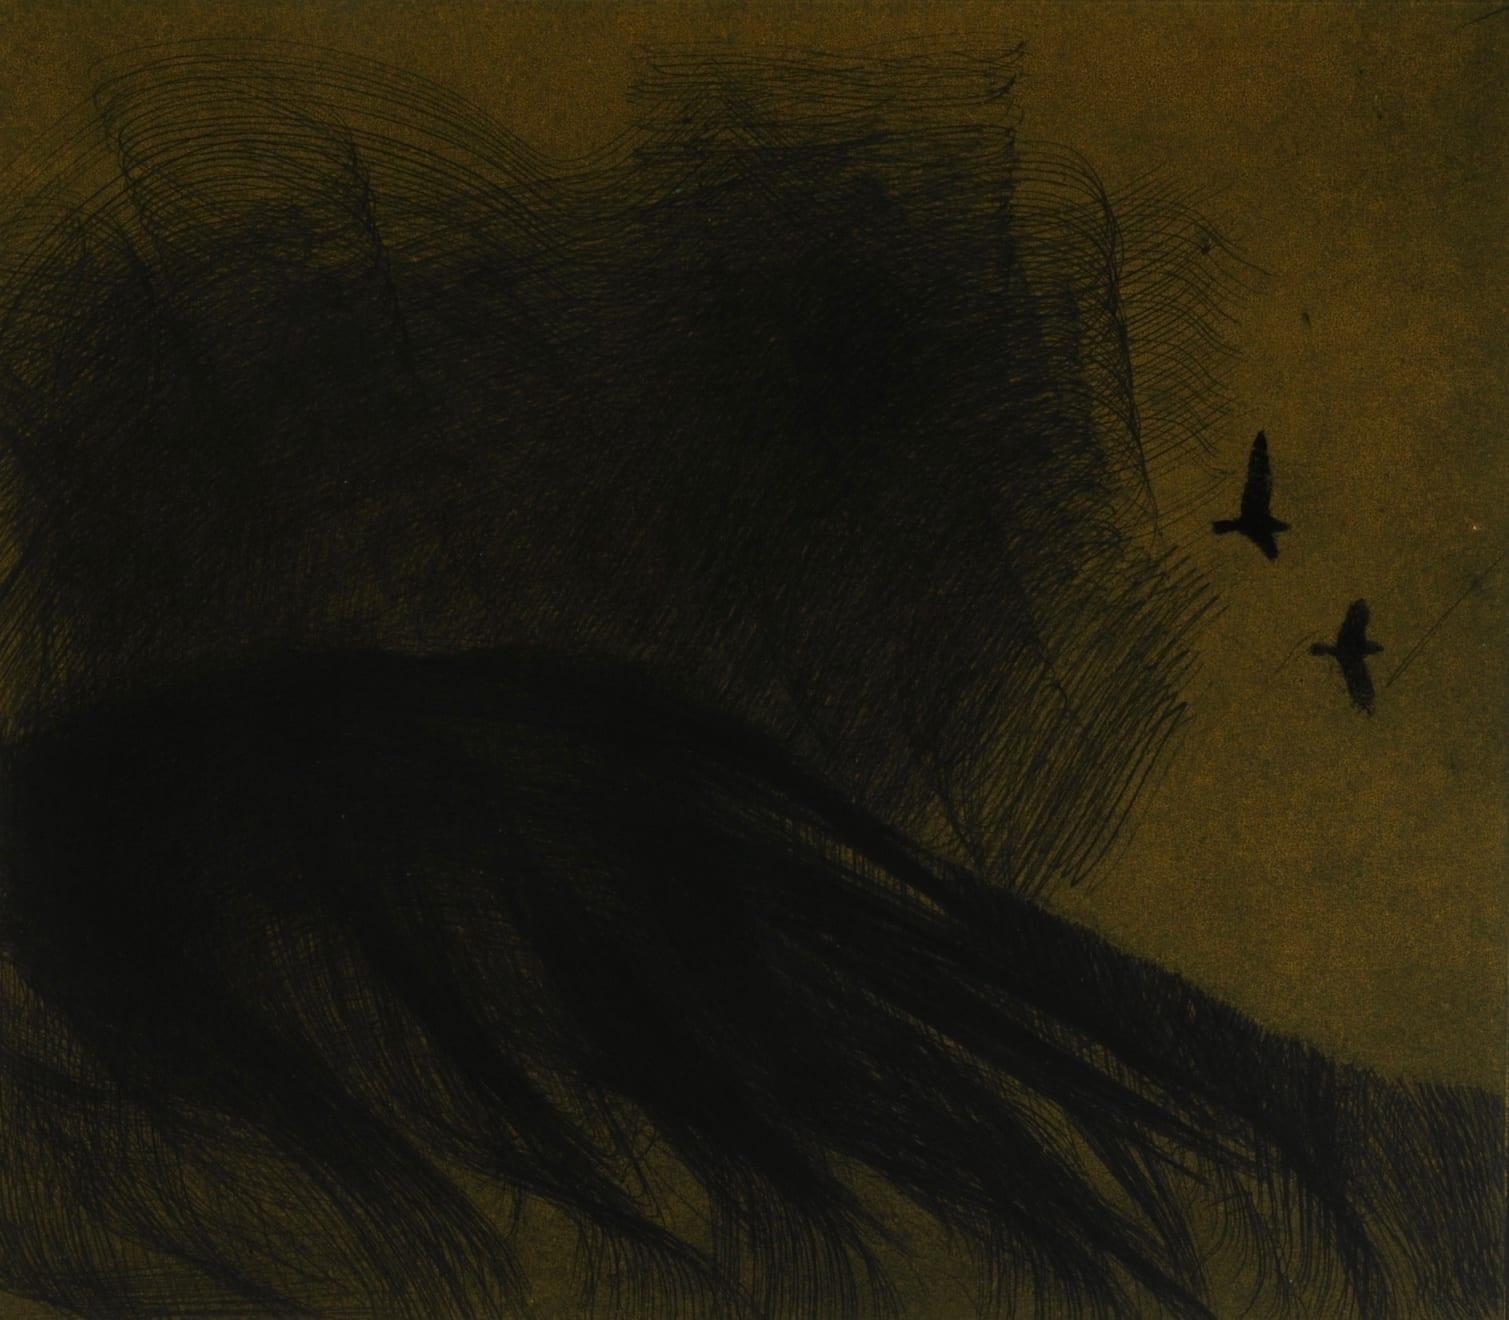 Nigel Swift, Frightened Birds, 2020